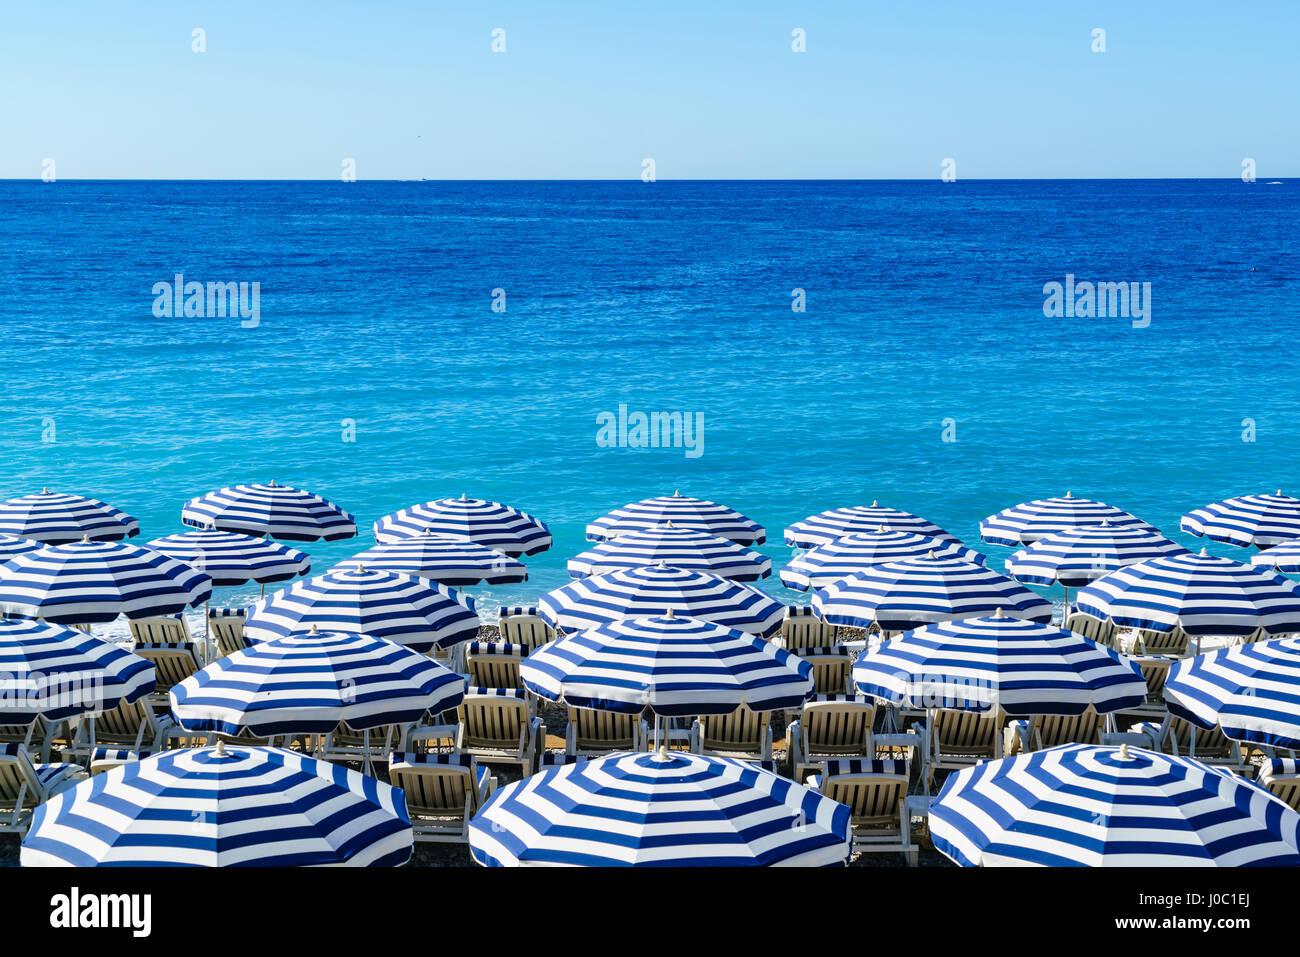 Blu e bianca spiaggia ombrelloni, Nizza, Alpes Maritimes, Cote d'Azur, Provenza, Francia, Mediterranea Immagini Stock